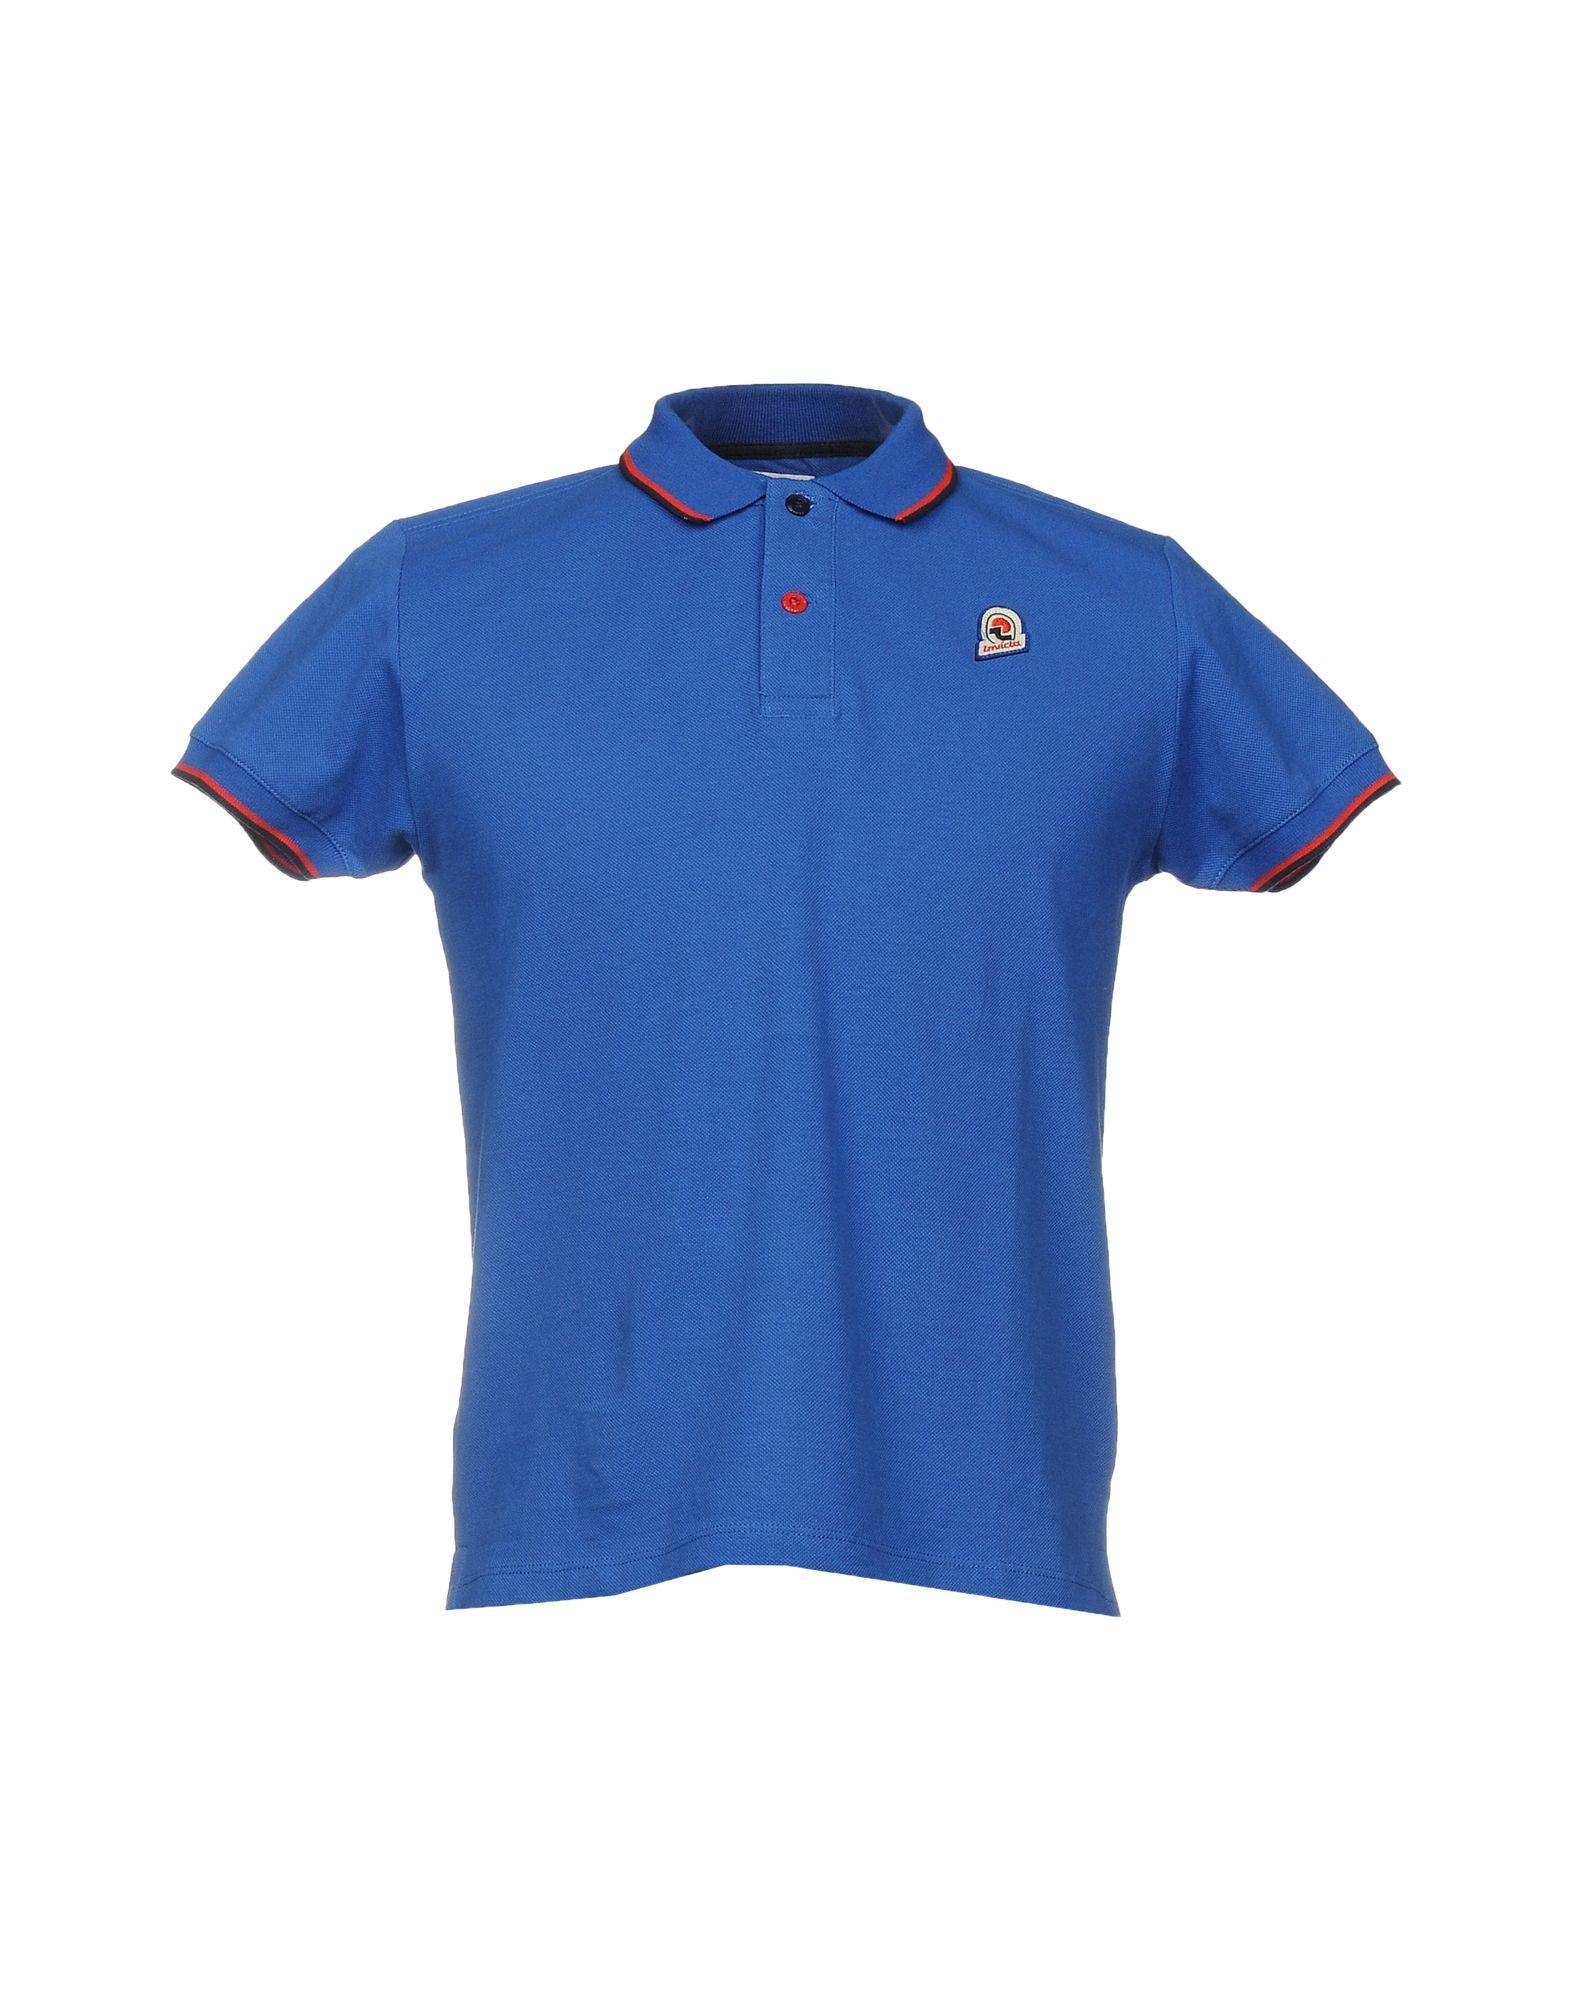 5e2f4b40c06 Soccer Diadora Rigore Jersey Shirt